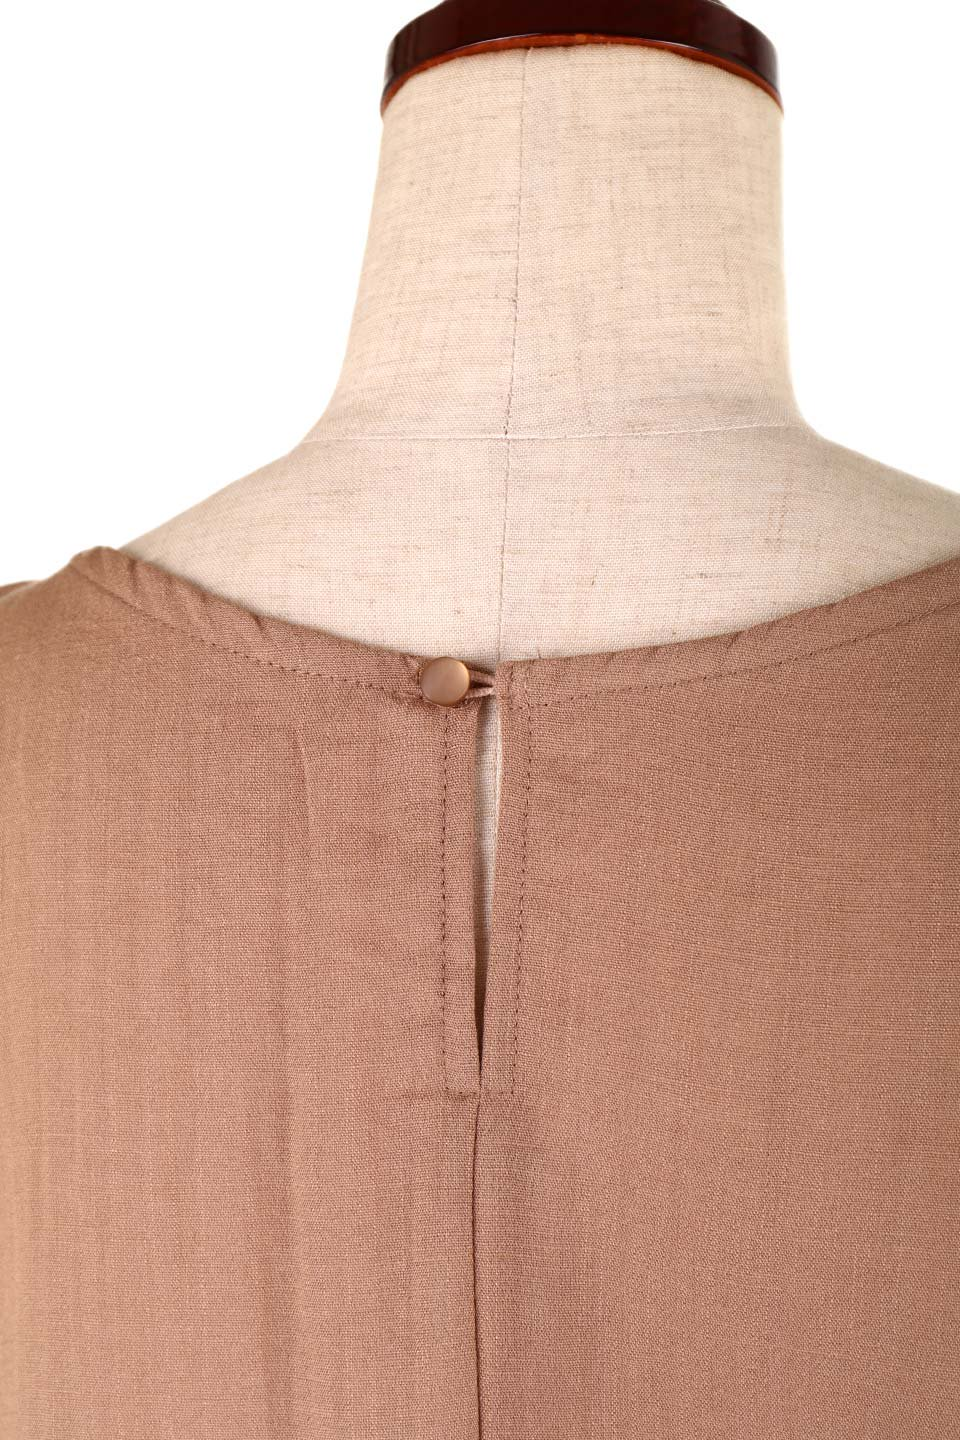 SlubGauzeDolmanBlouseレーヨンスラブガーゼ・ドルマンブラウス大人カジュアルに最適な海外ファッションのothers(その他インポートアイテム)のトップスやシャツ・ブラウス。ムラ糸を使用した夏素材が嬉しいドルマンスリーブのブラウス。生地はレーヨン100%のスラブガーゼでテロテロの質感がです。/main-30